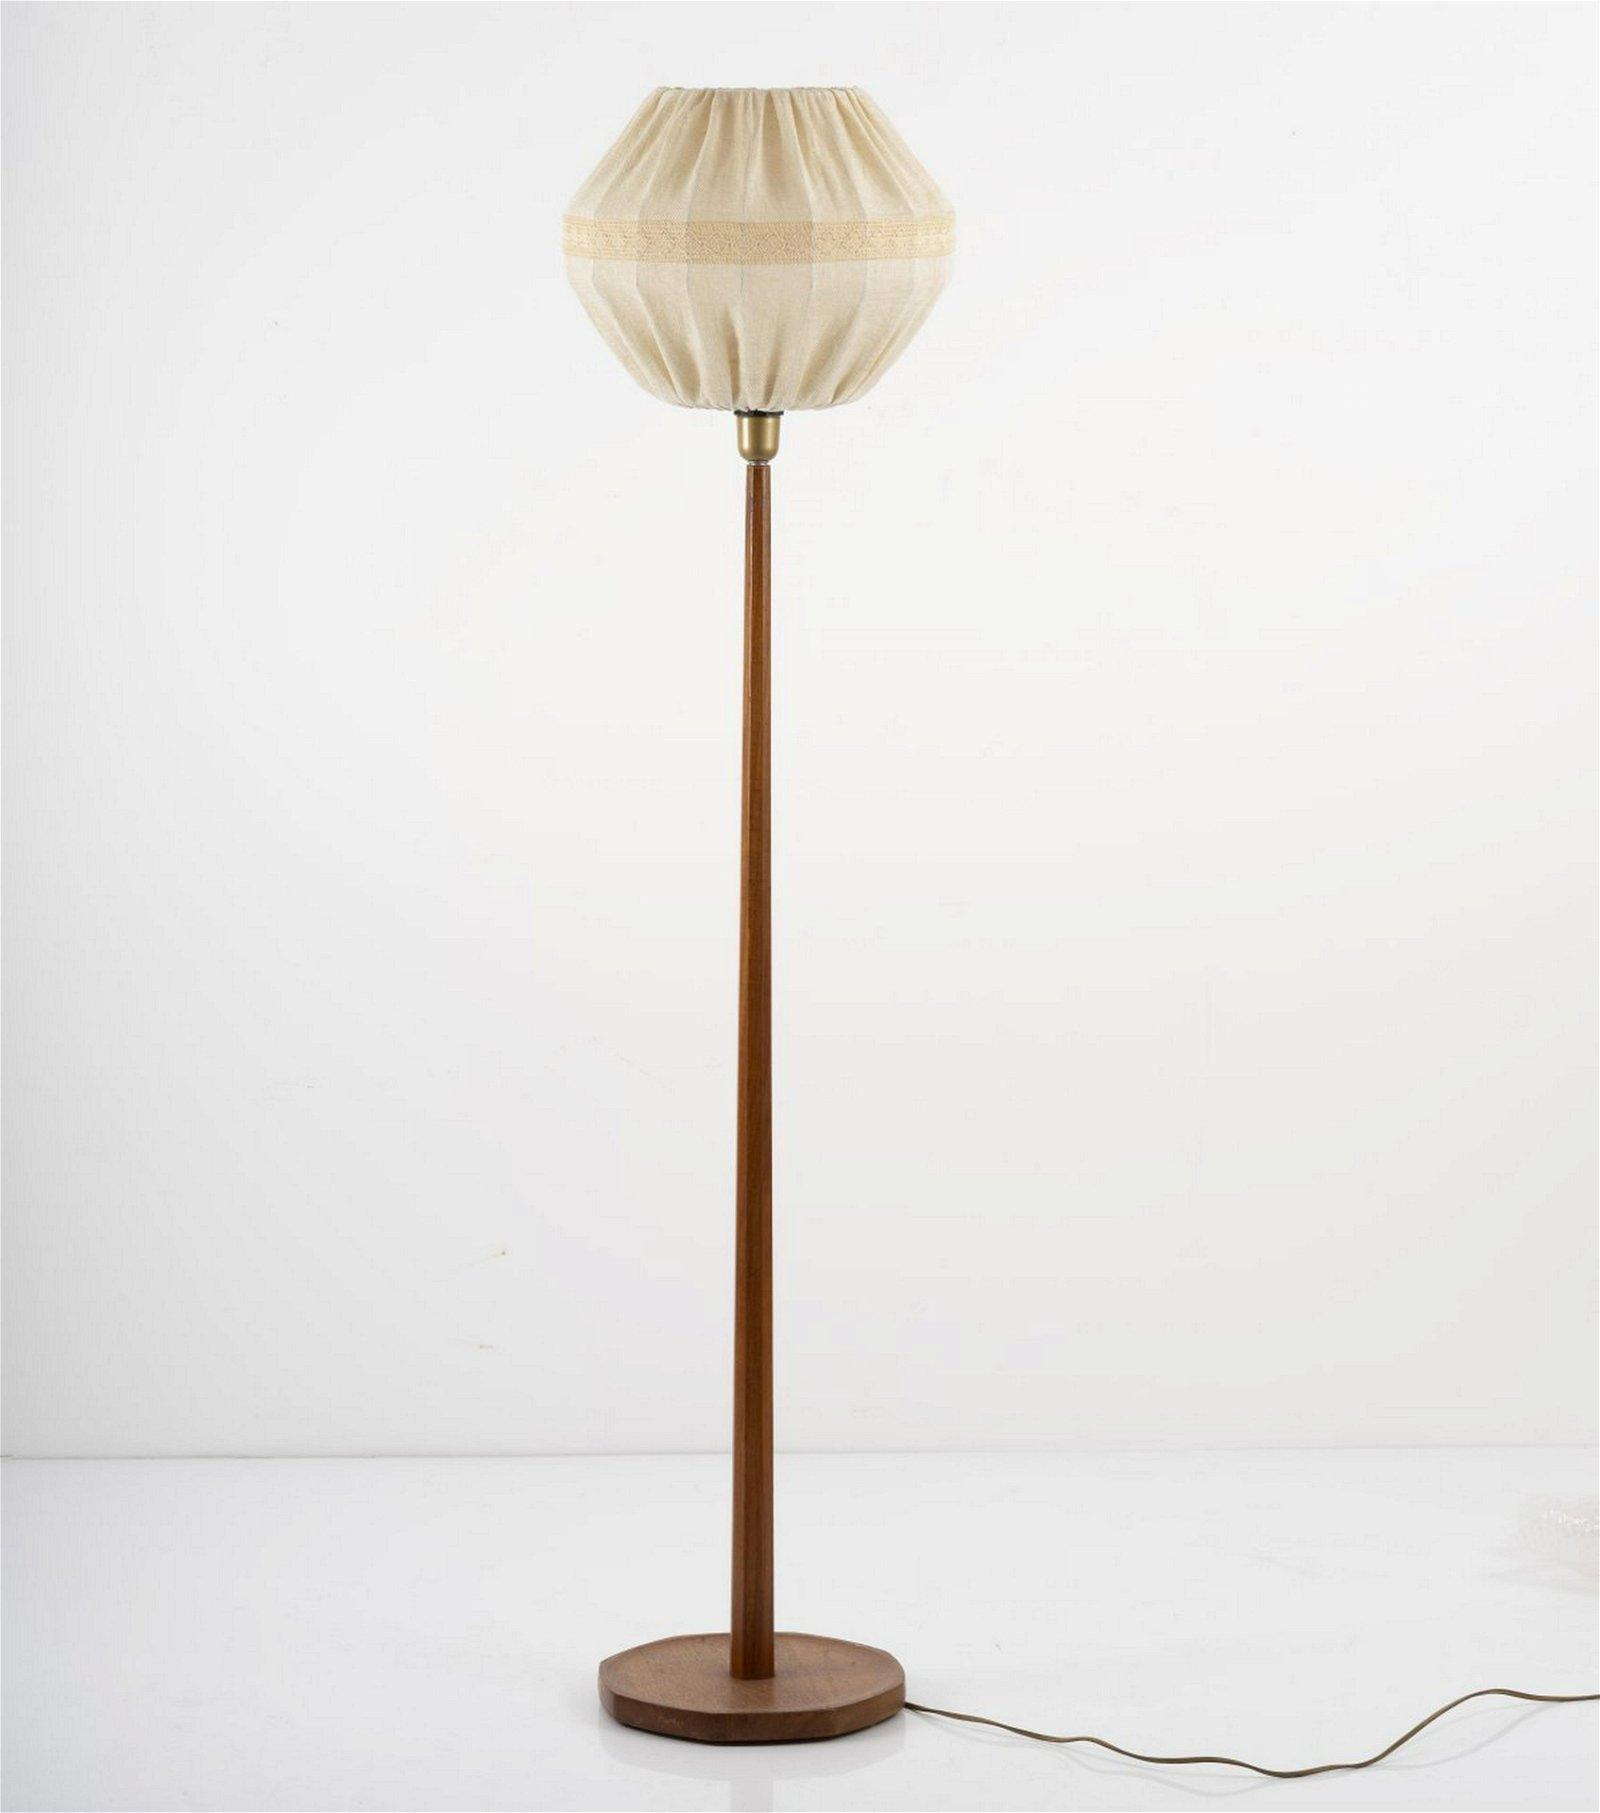 Sweden, Floor lamp, c. 1955